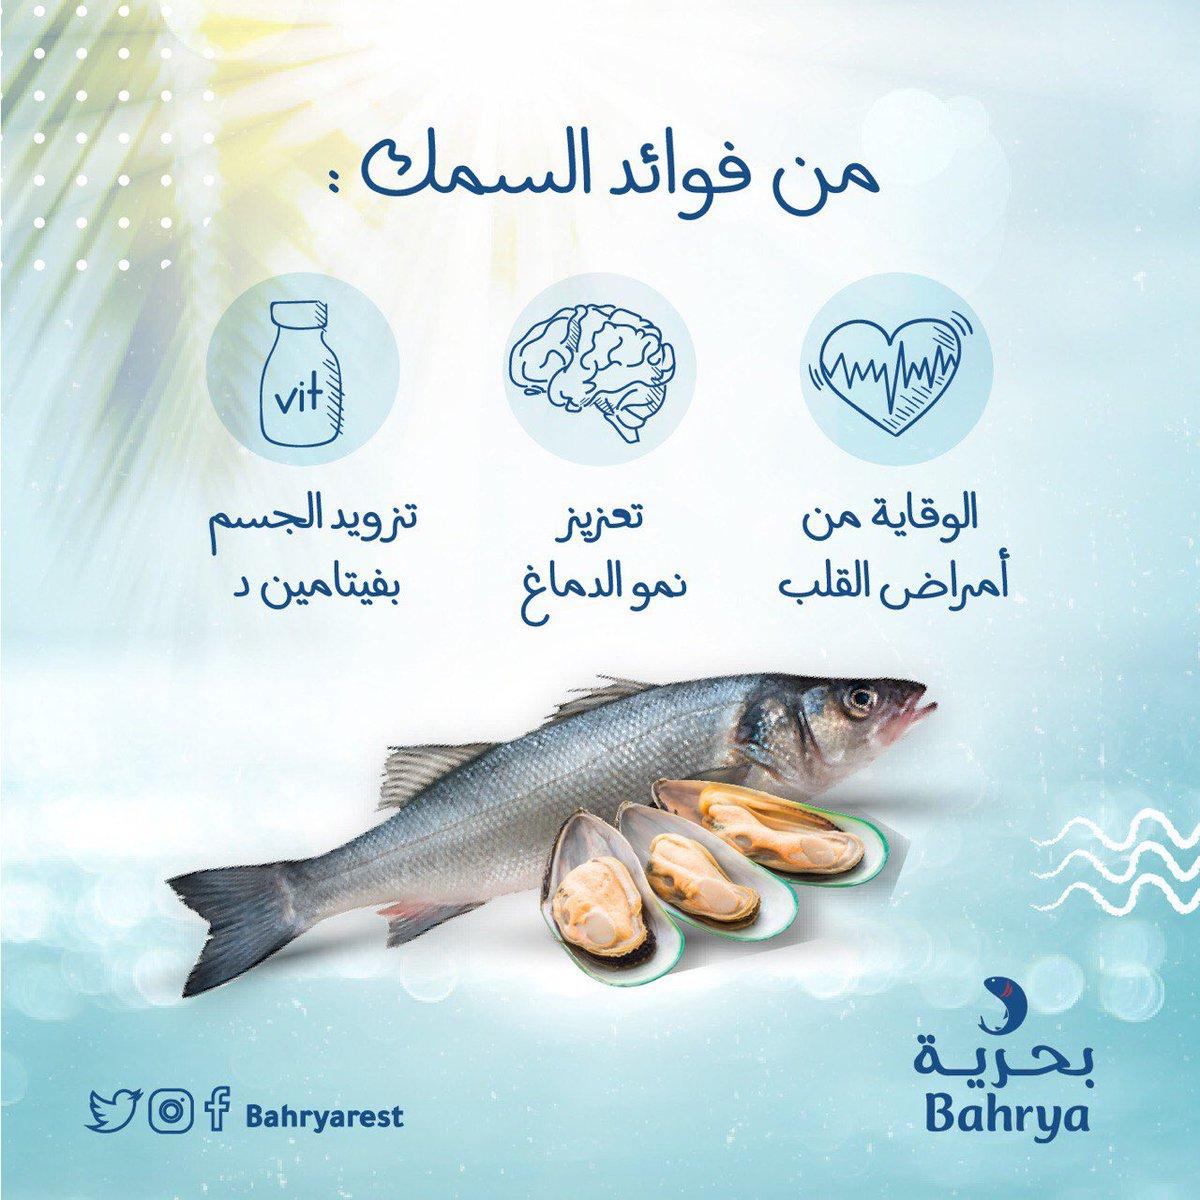 بالصور فوائد السمك , اهميه السمك بالنسبه لجسم الانسان 4720 4